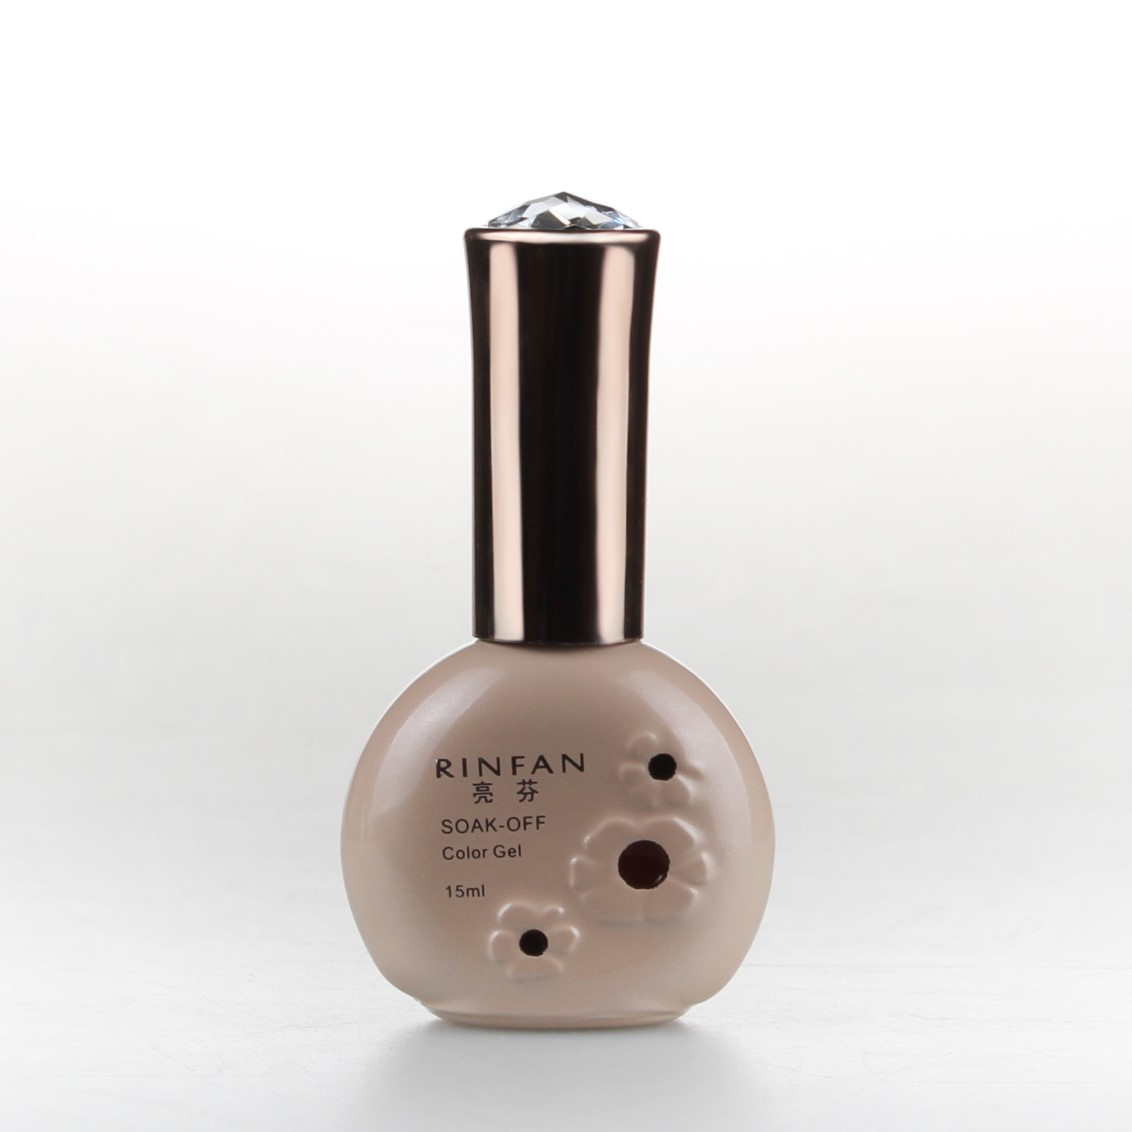 rinfan亮芬美甲环保无味QQ指甲油胶 光疗胶 芭比胶 蔻丹胶 底胶